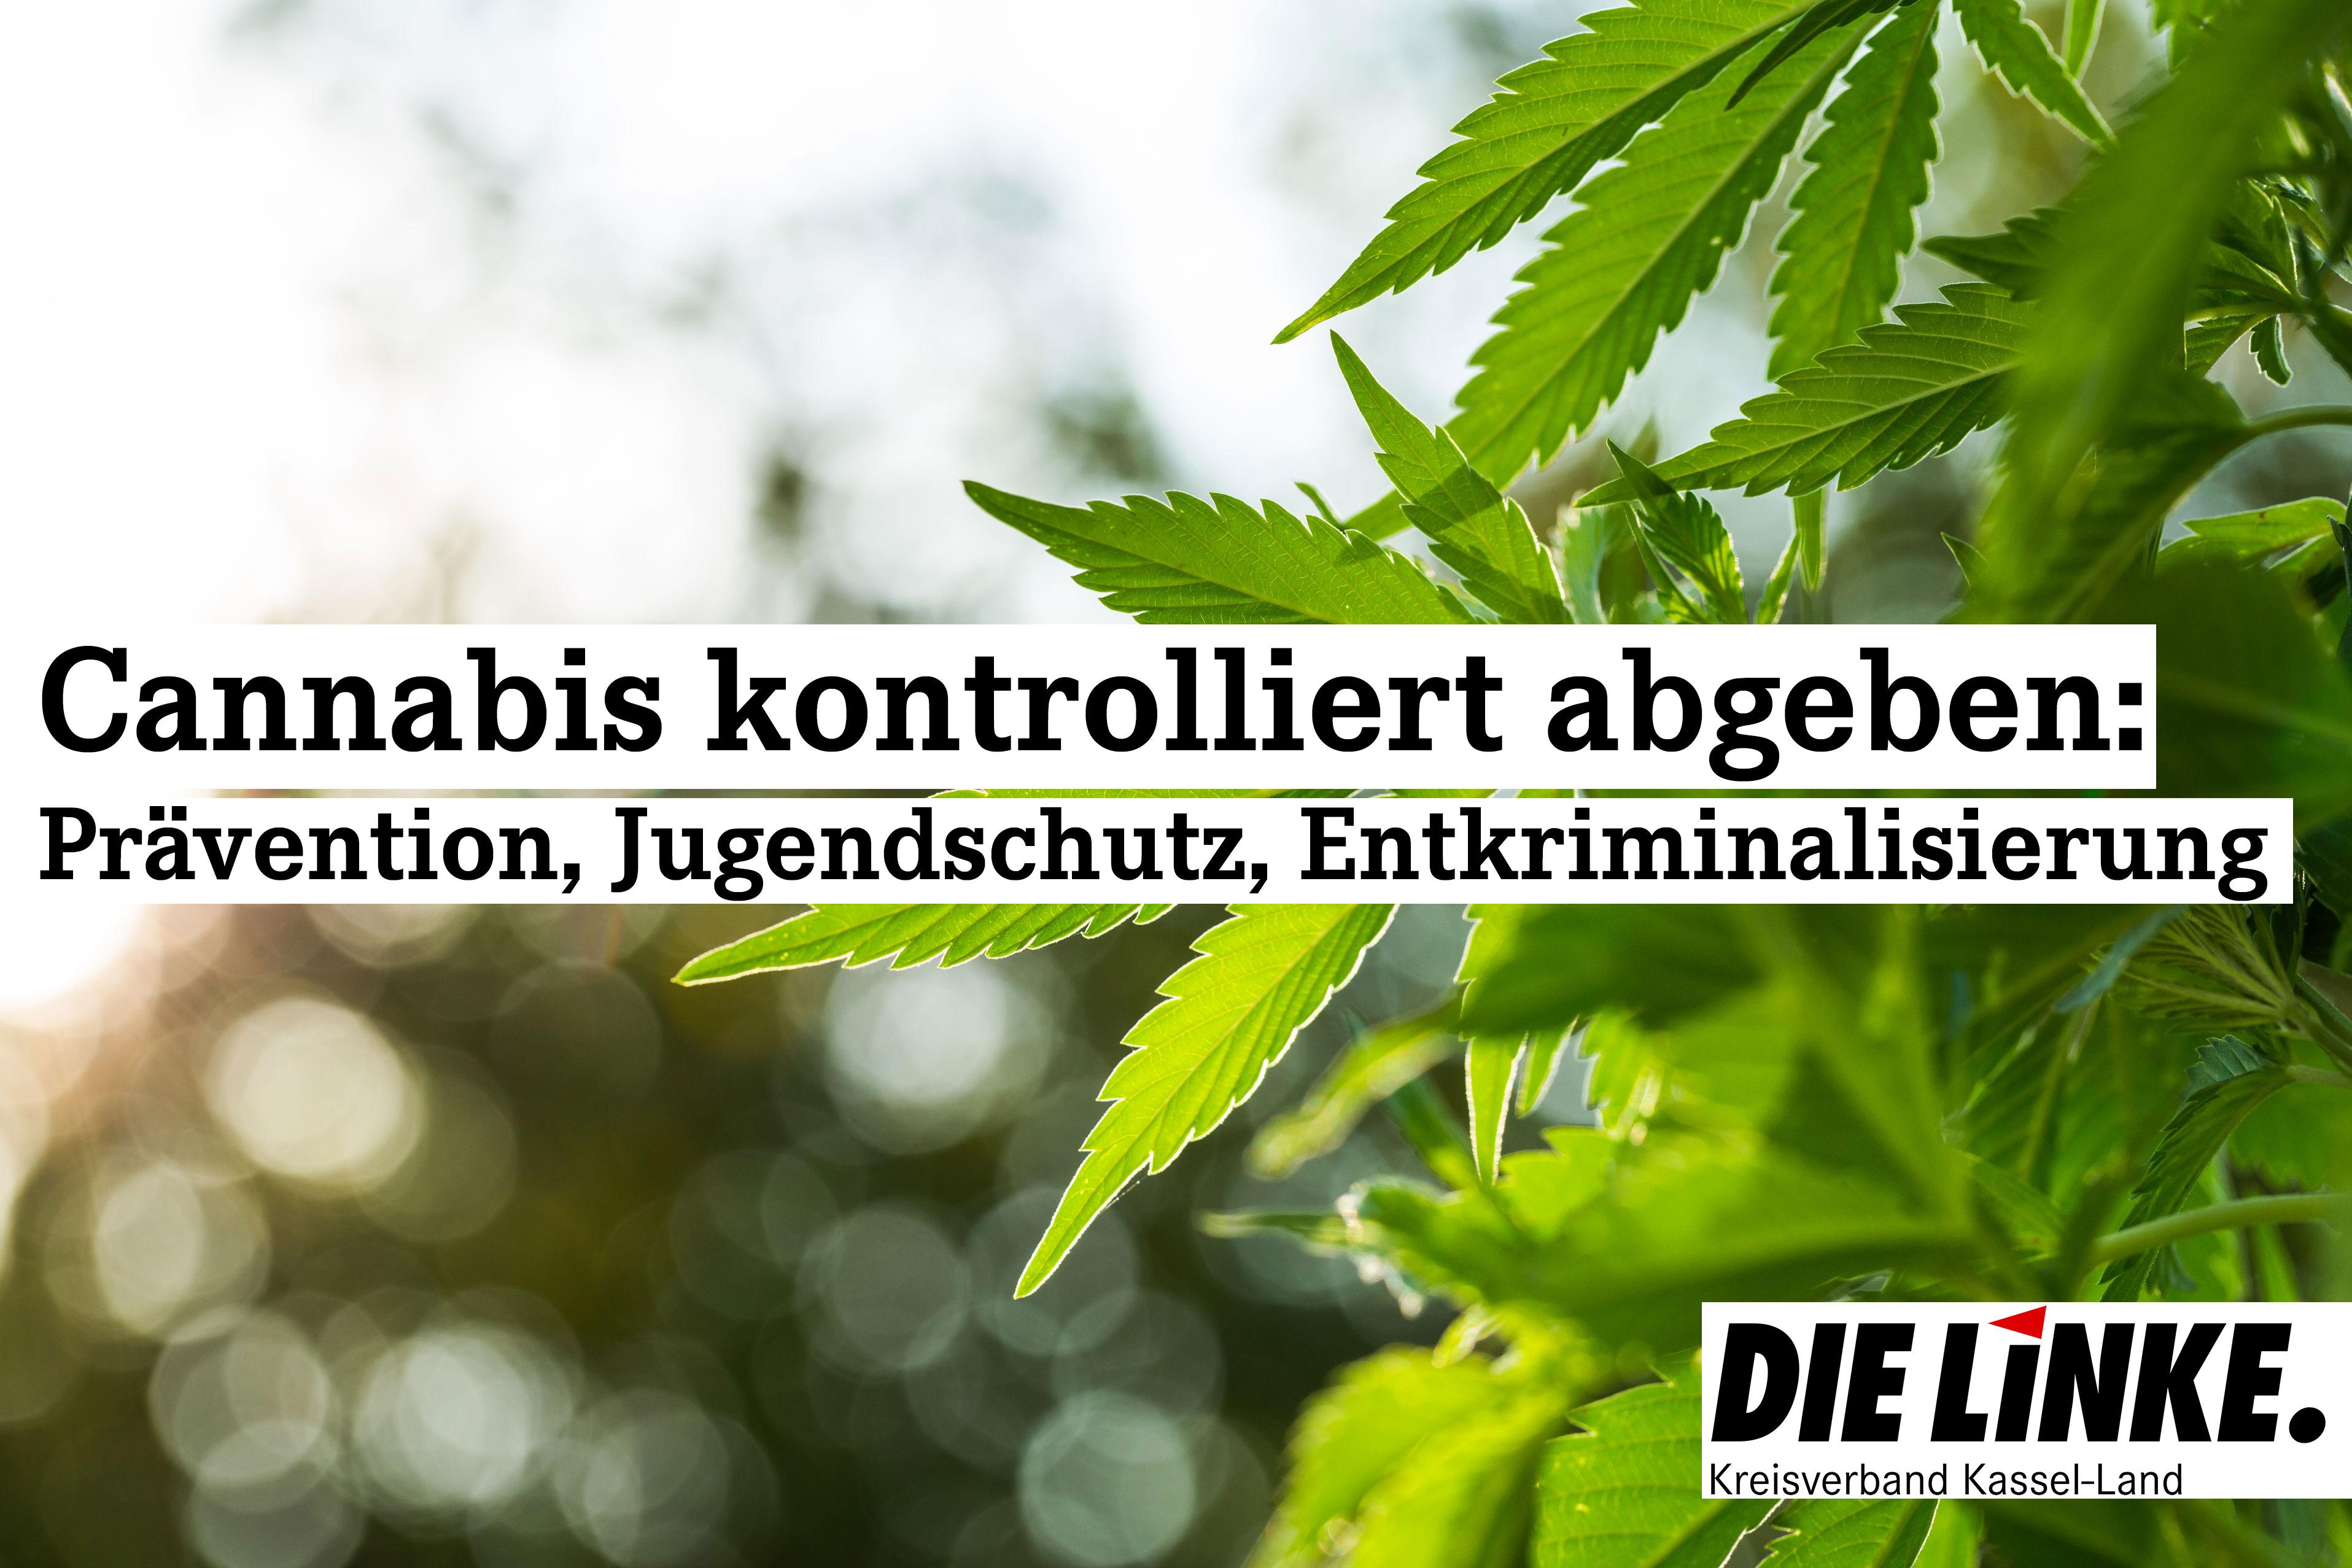 Cannabis – Legalisierung und Regulierung statt Kriminalisierung